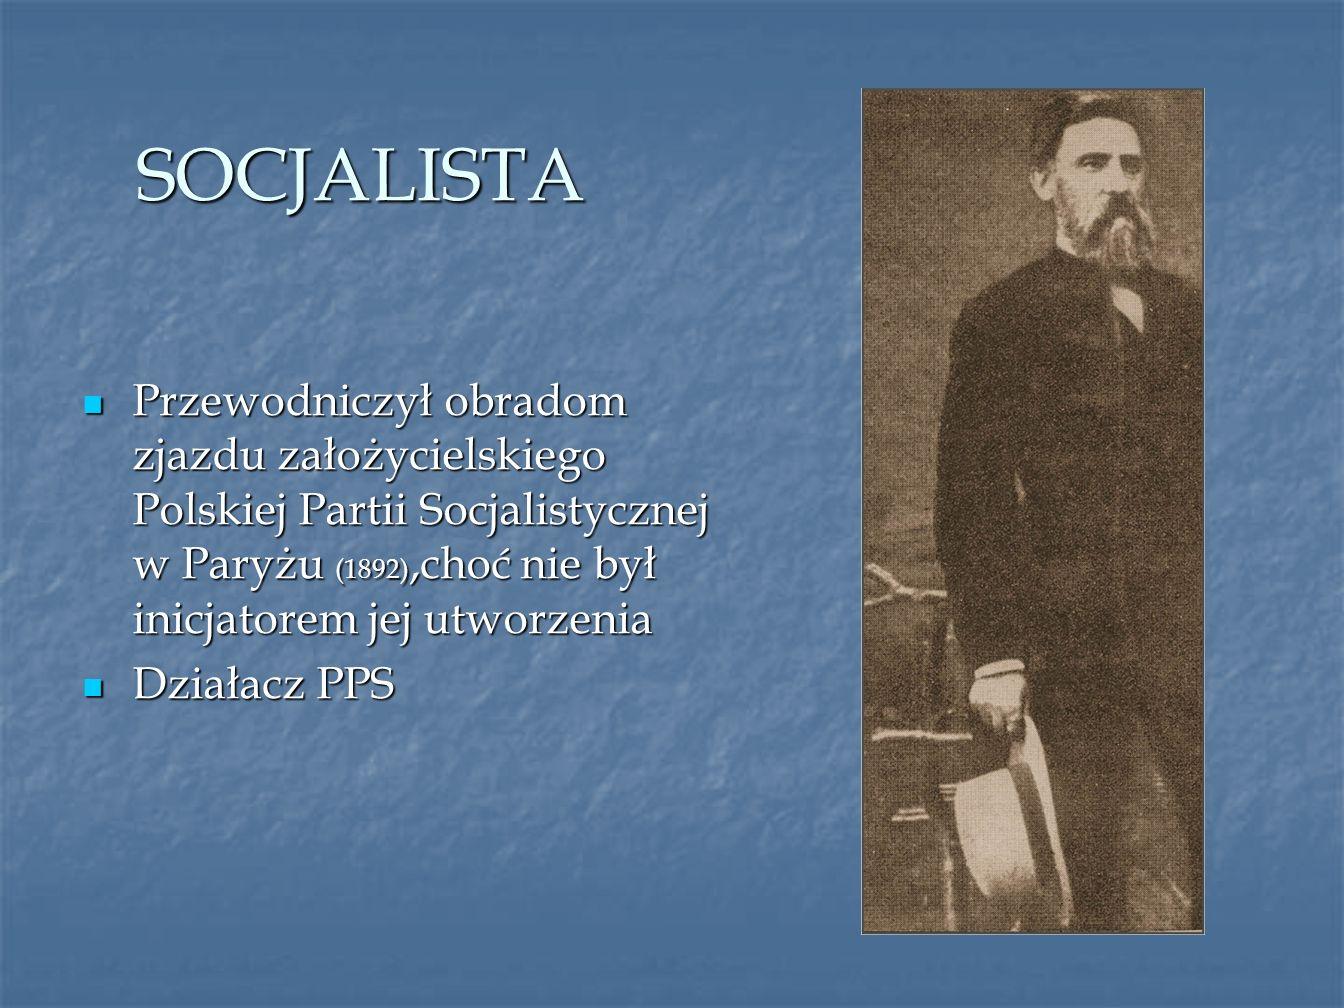 SOCJALISTA Przewodniczył obradom zjazdu założycielskiego Polskiej Partii Socjalistycznej w Paryżu (1892),choć nie był inicjatorem jej utworzenia.